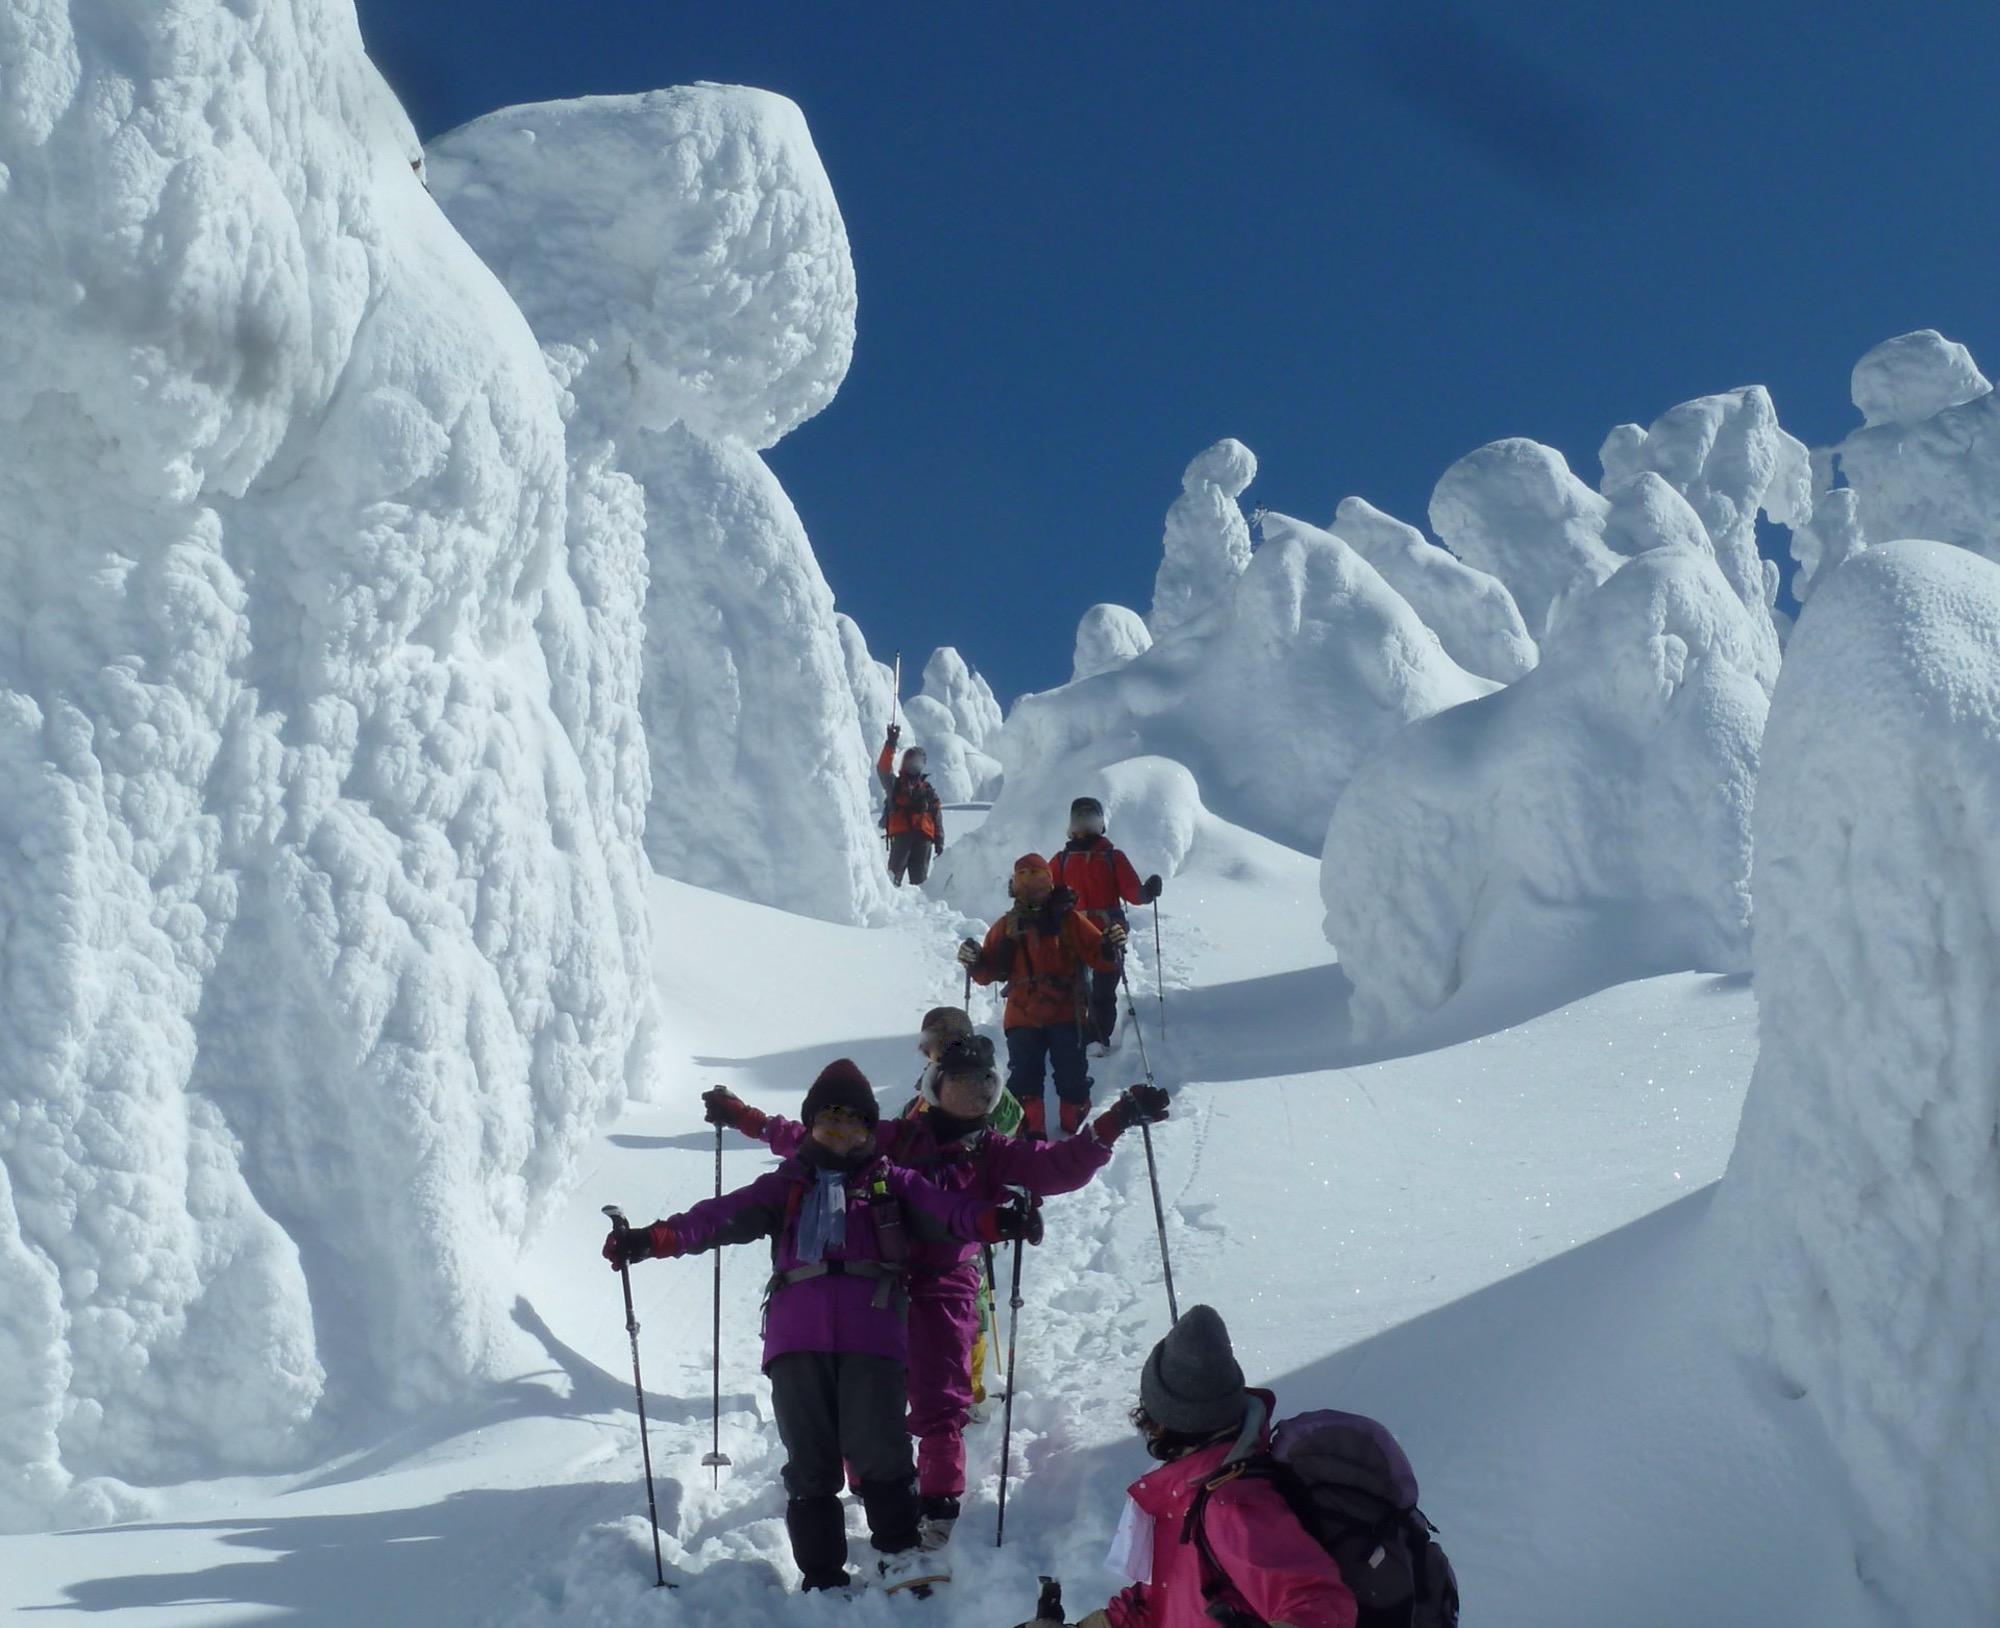 蔵王山岳インストラクターがご案内!樹氷☆霧氷を楽しみながらのかんじきスノートレッキング